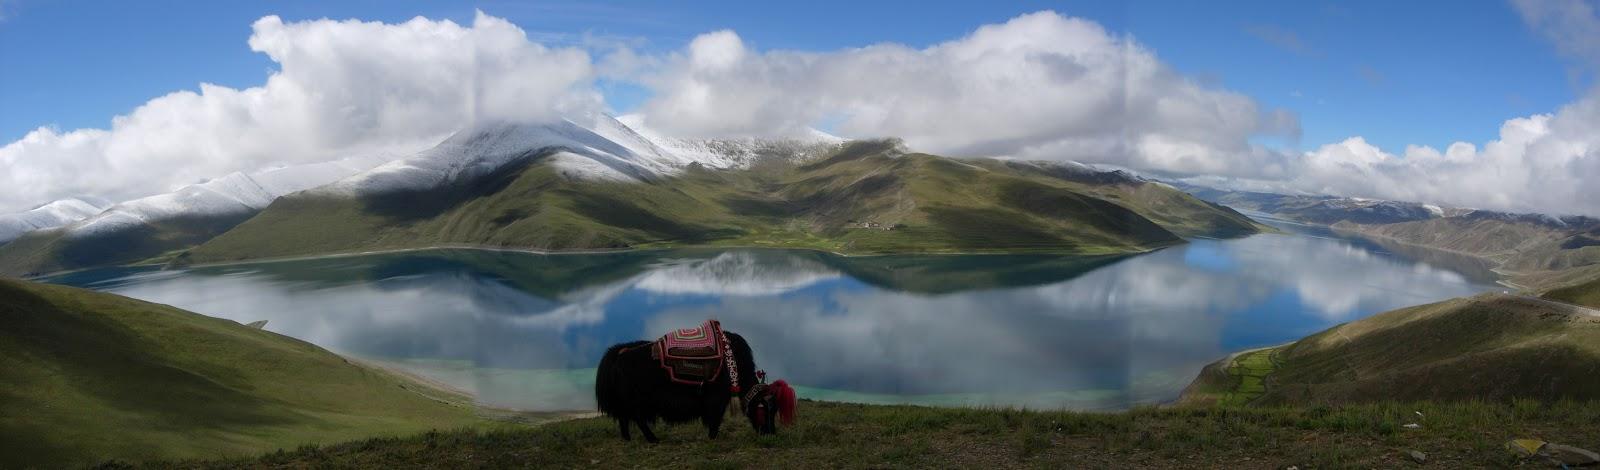 山南景點-西藏聖湖羊卓雍措